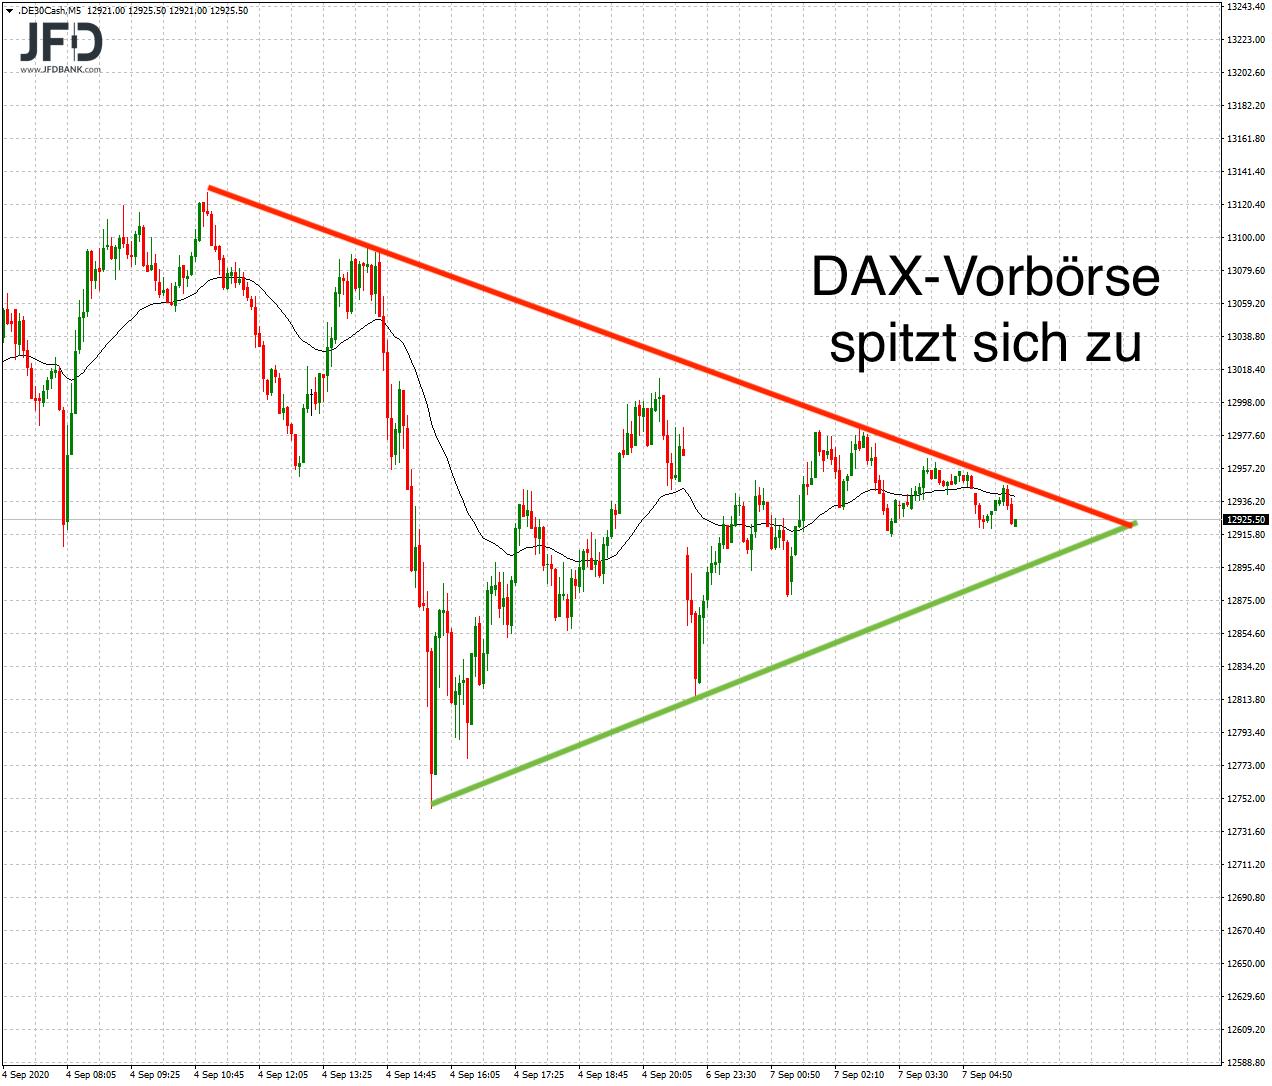 DAX-Vorbörse spitzt sich zu